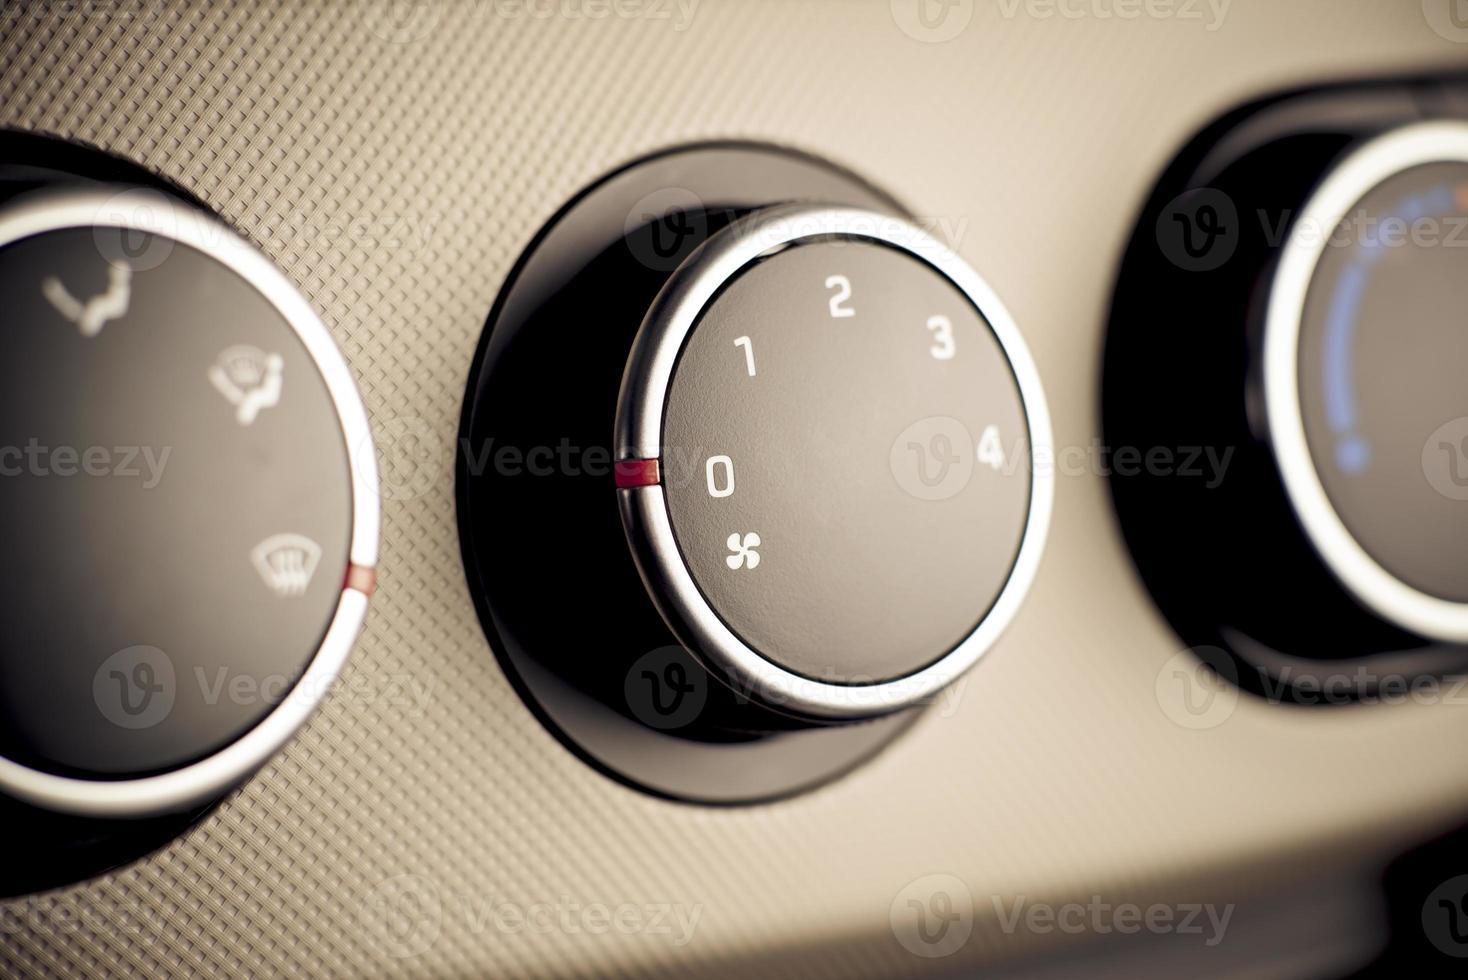 panel de instrumentos de control climático en automóvil, vehículo. foto